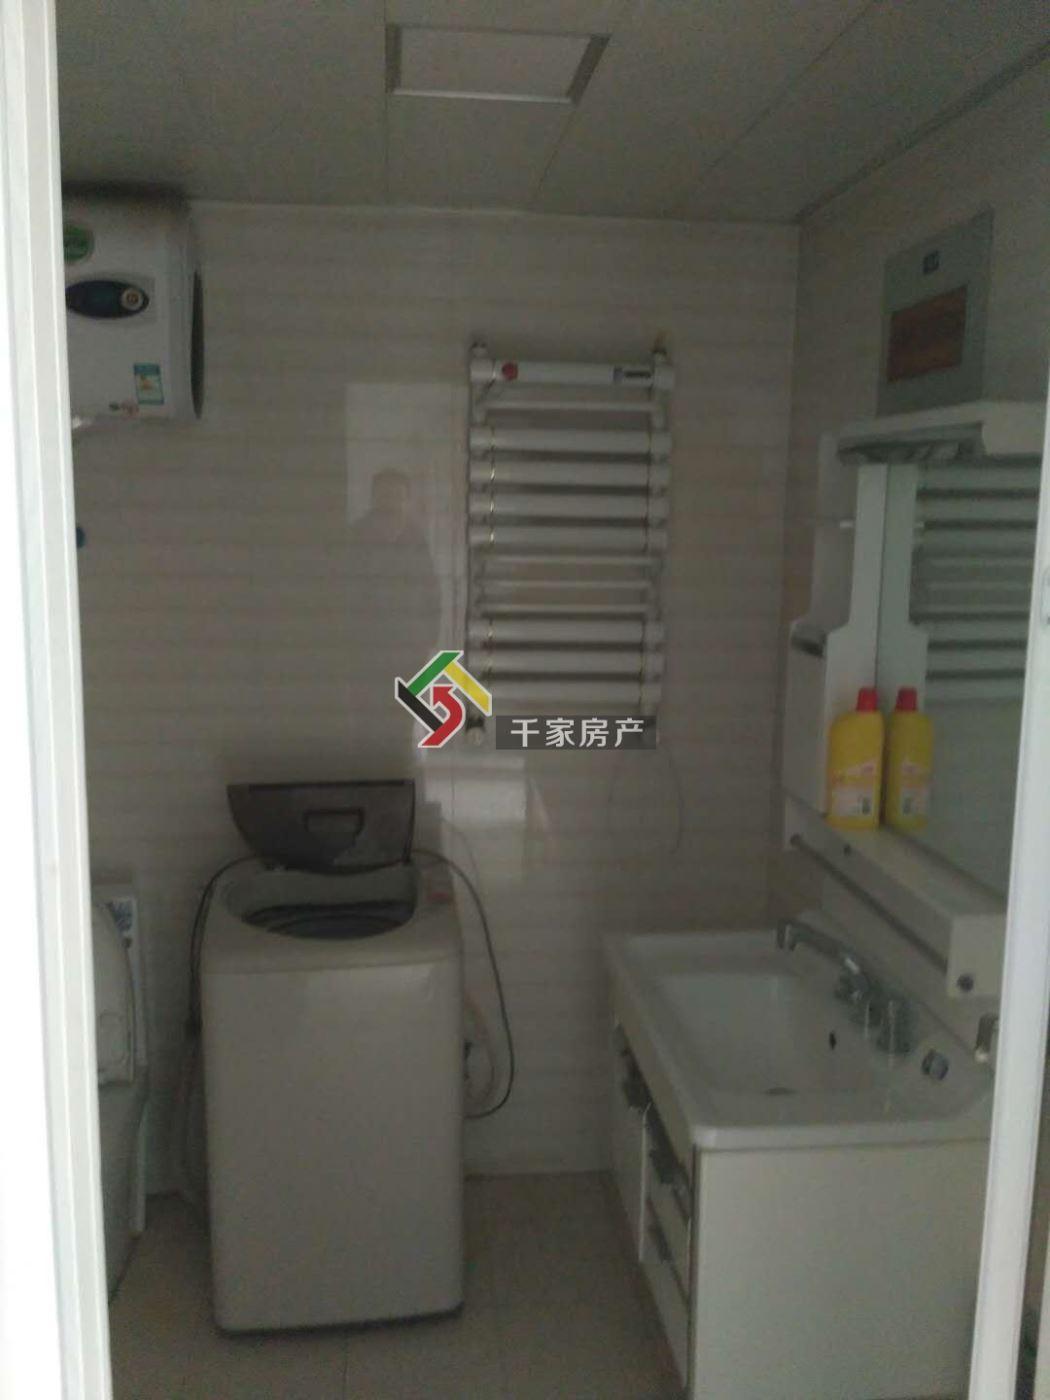 路南火车站 新天地美域 精装两室 家电齐全 拎包入住